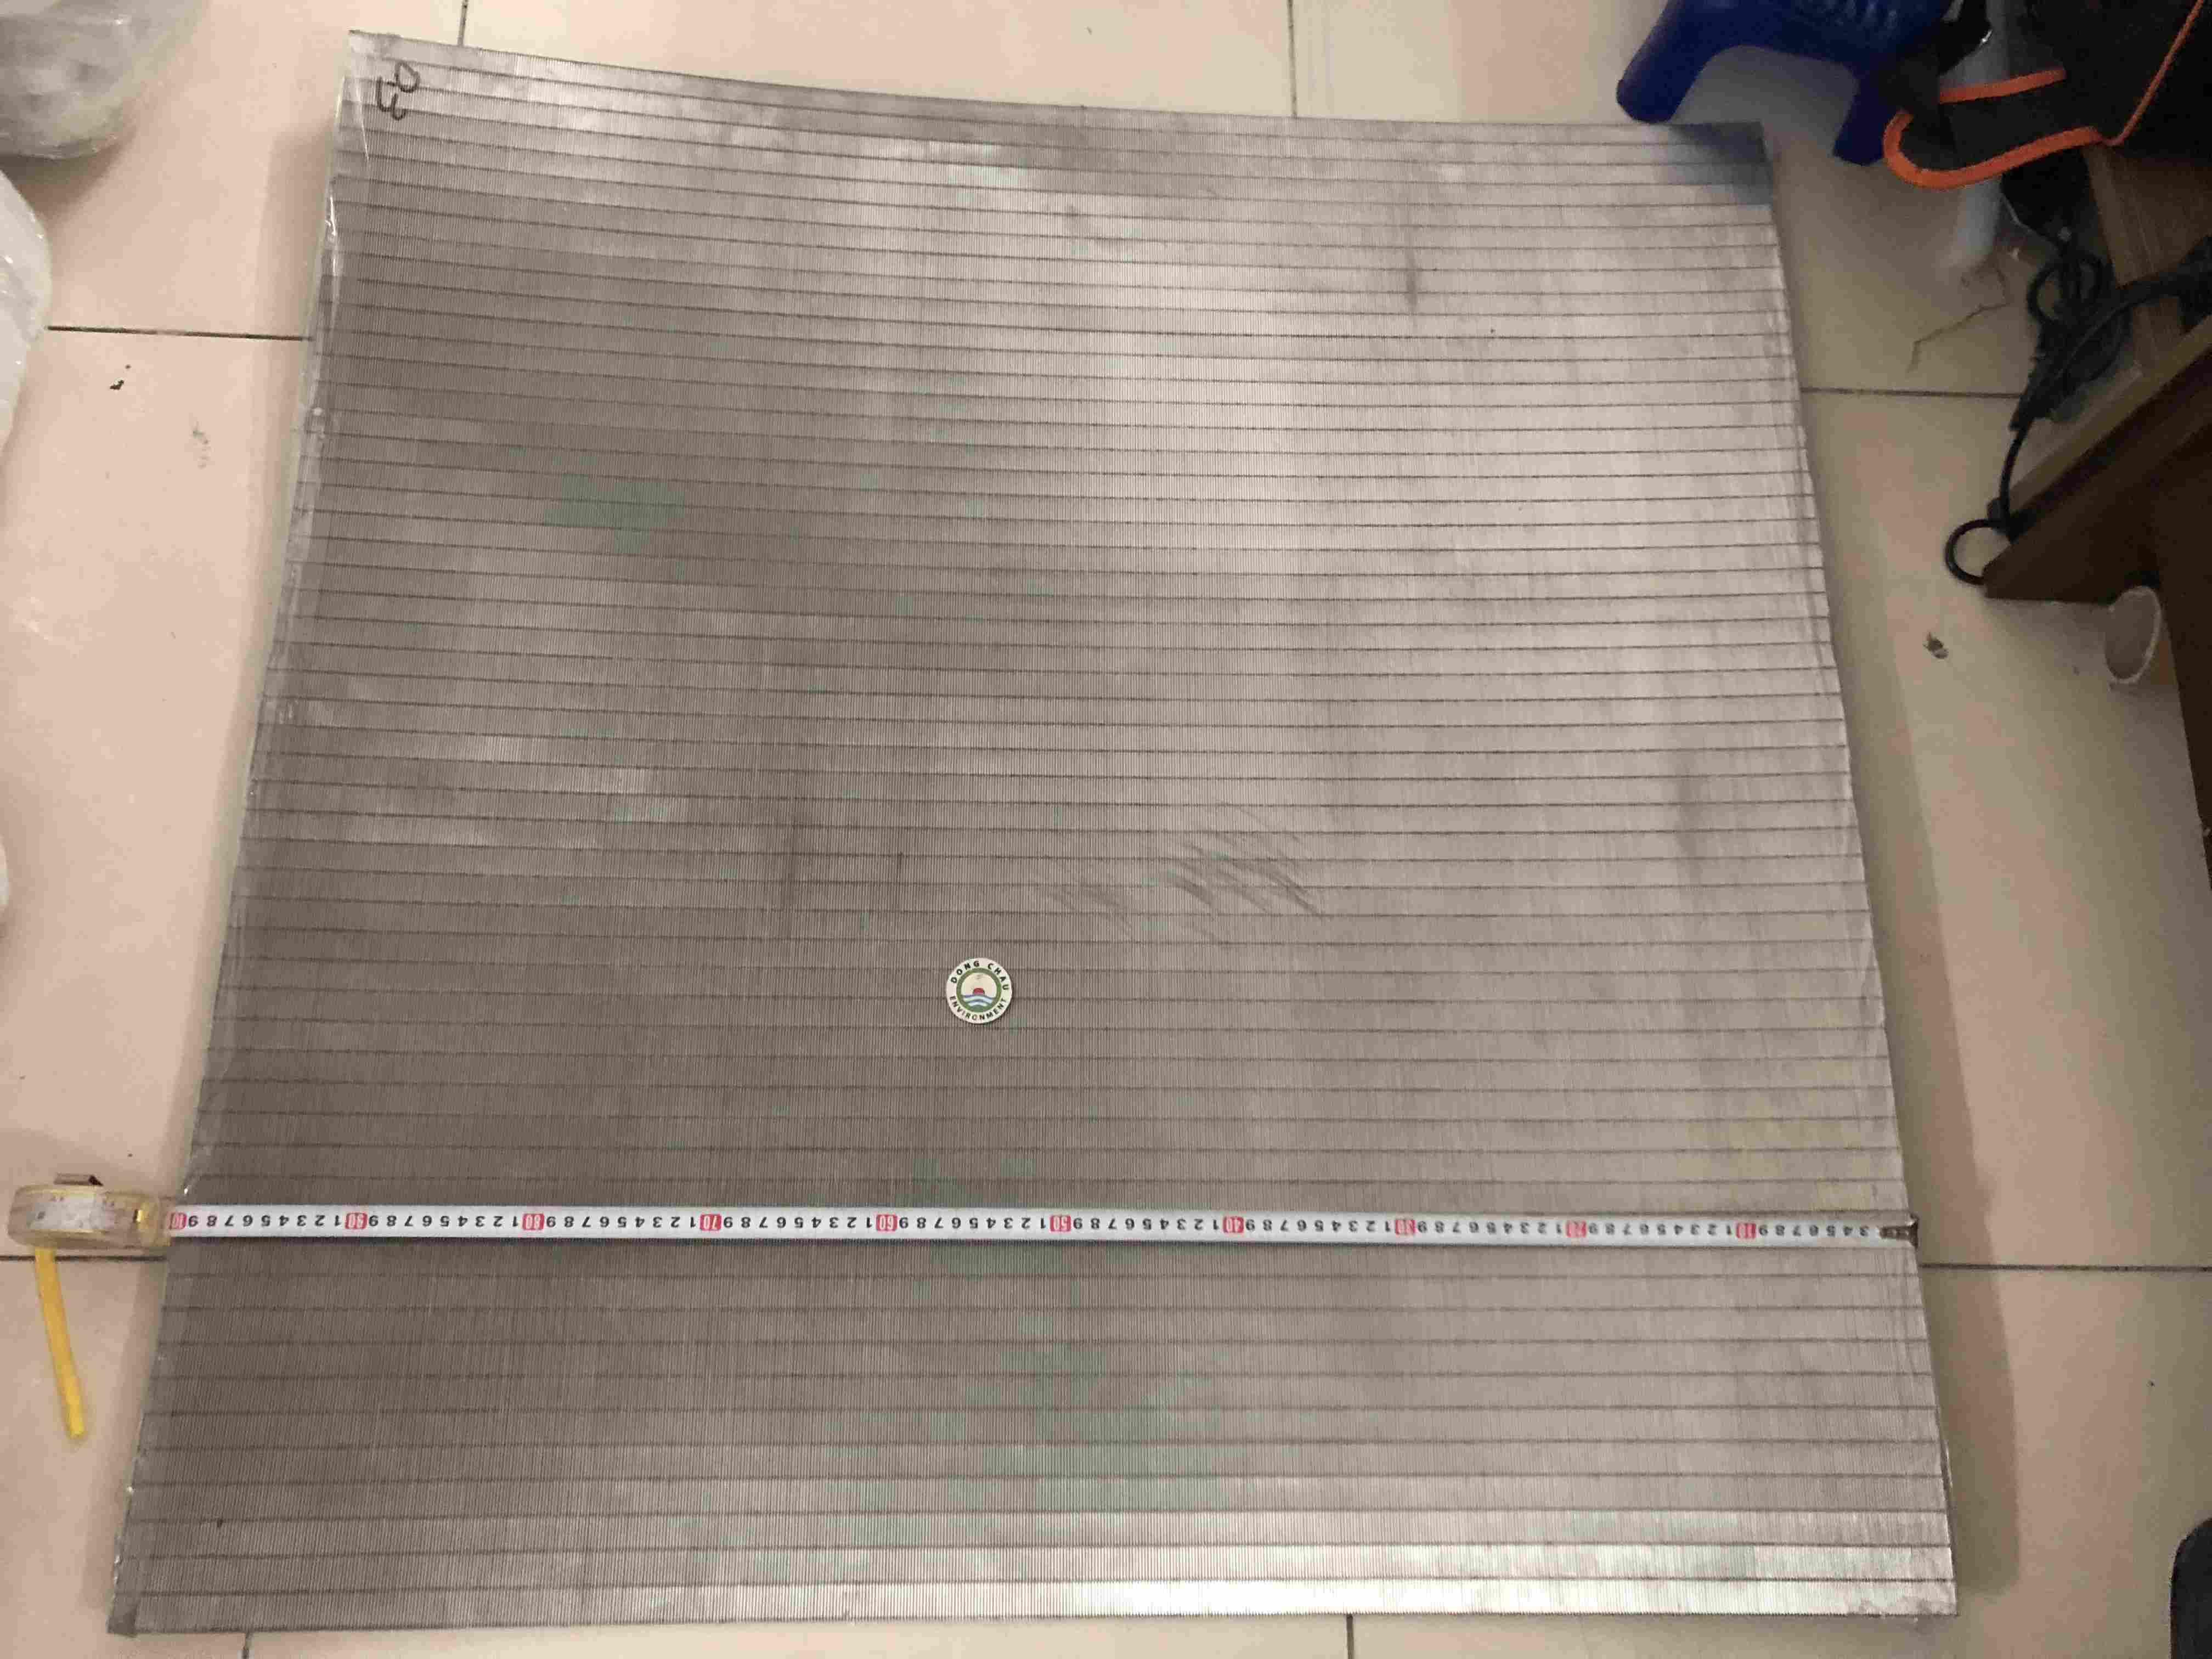 Tấm Lưới Johnson Khe 0.1mm 1m X 1m